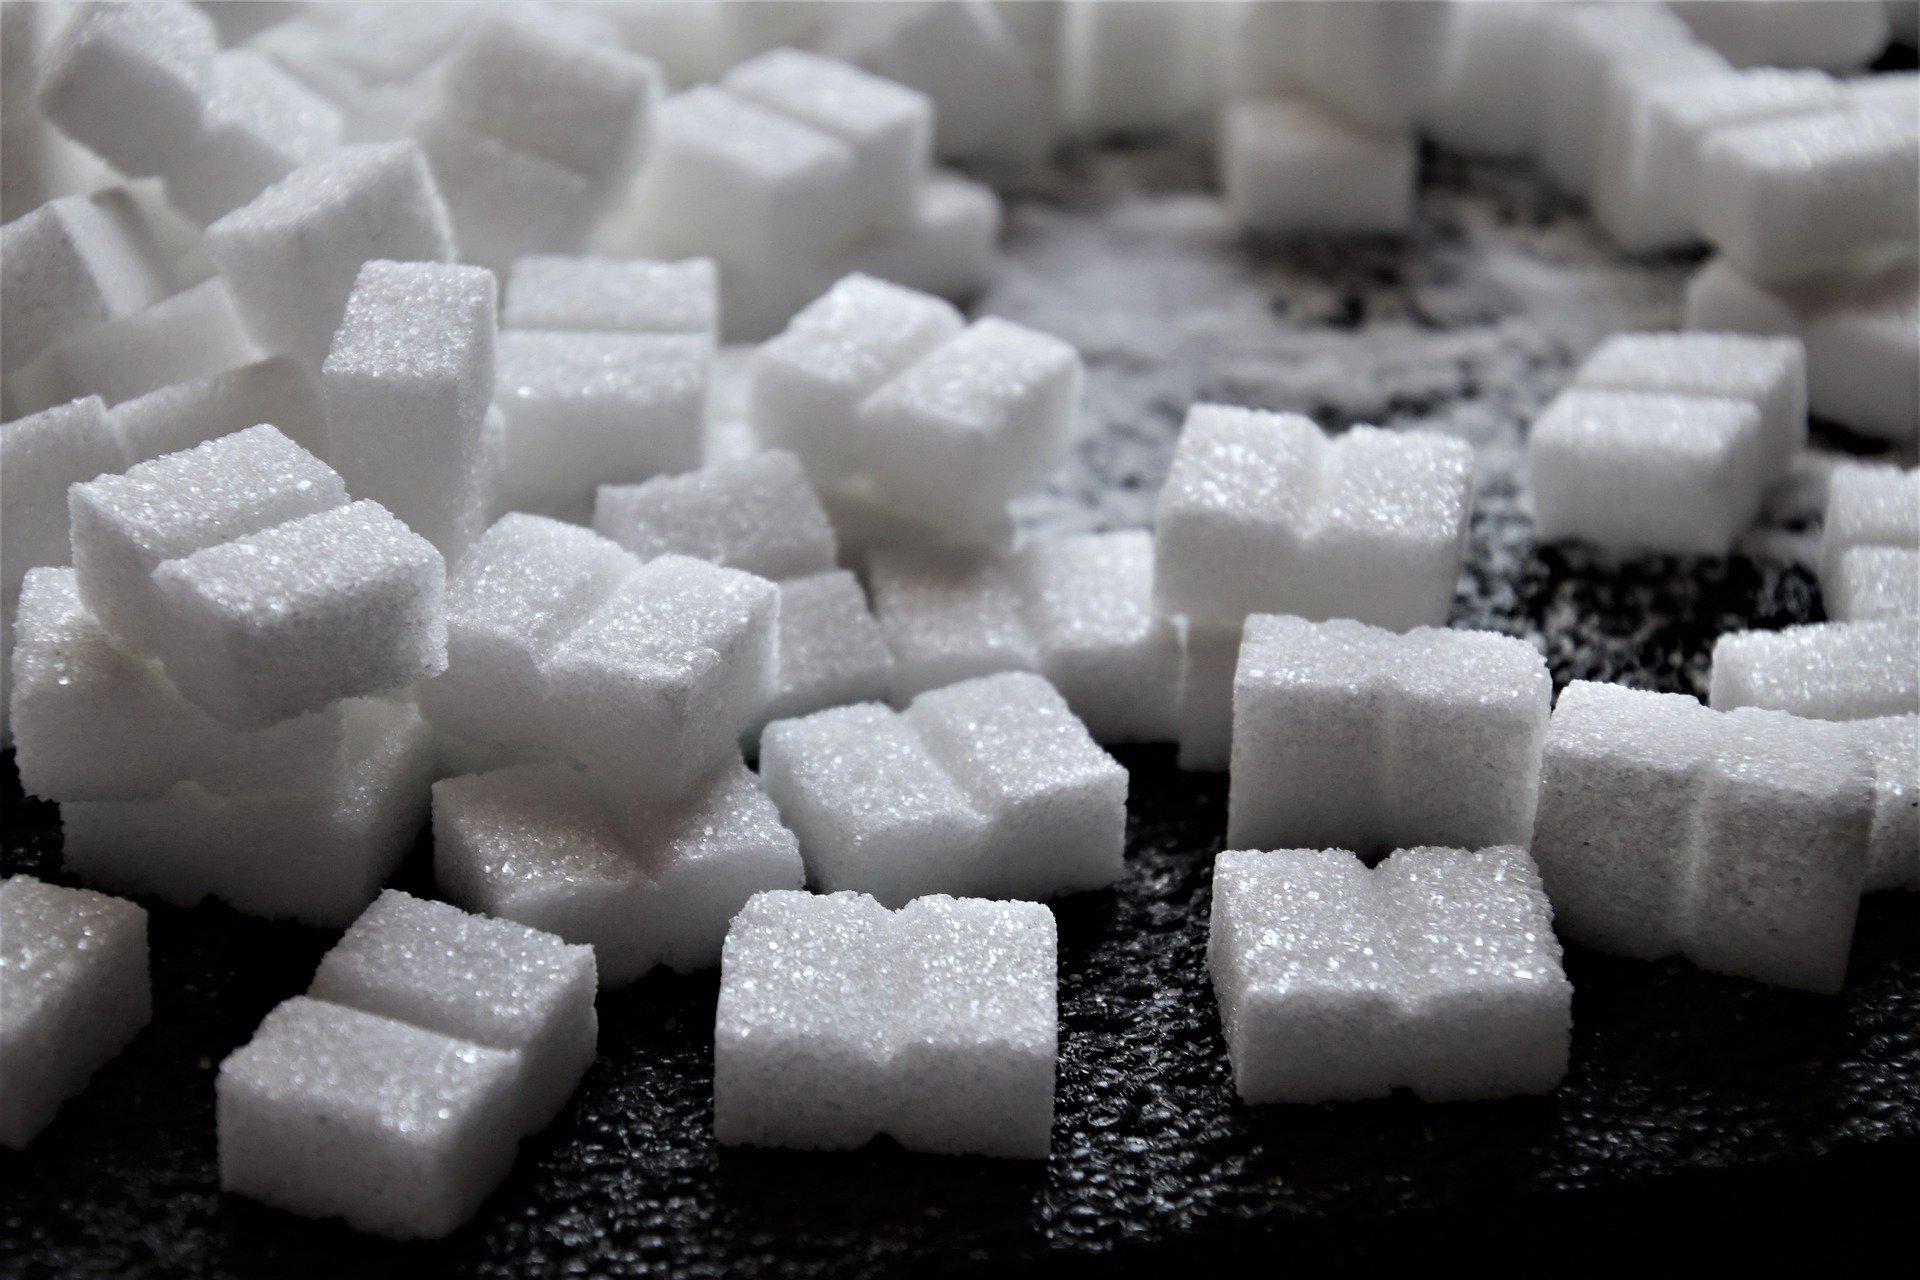 comment réduire l'addiction au sucre